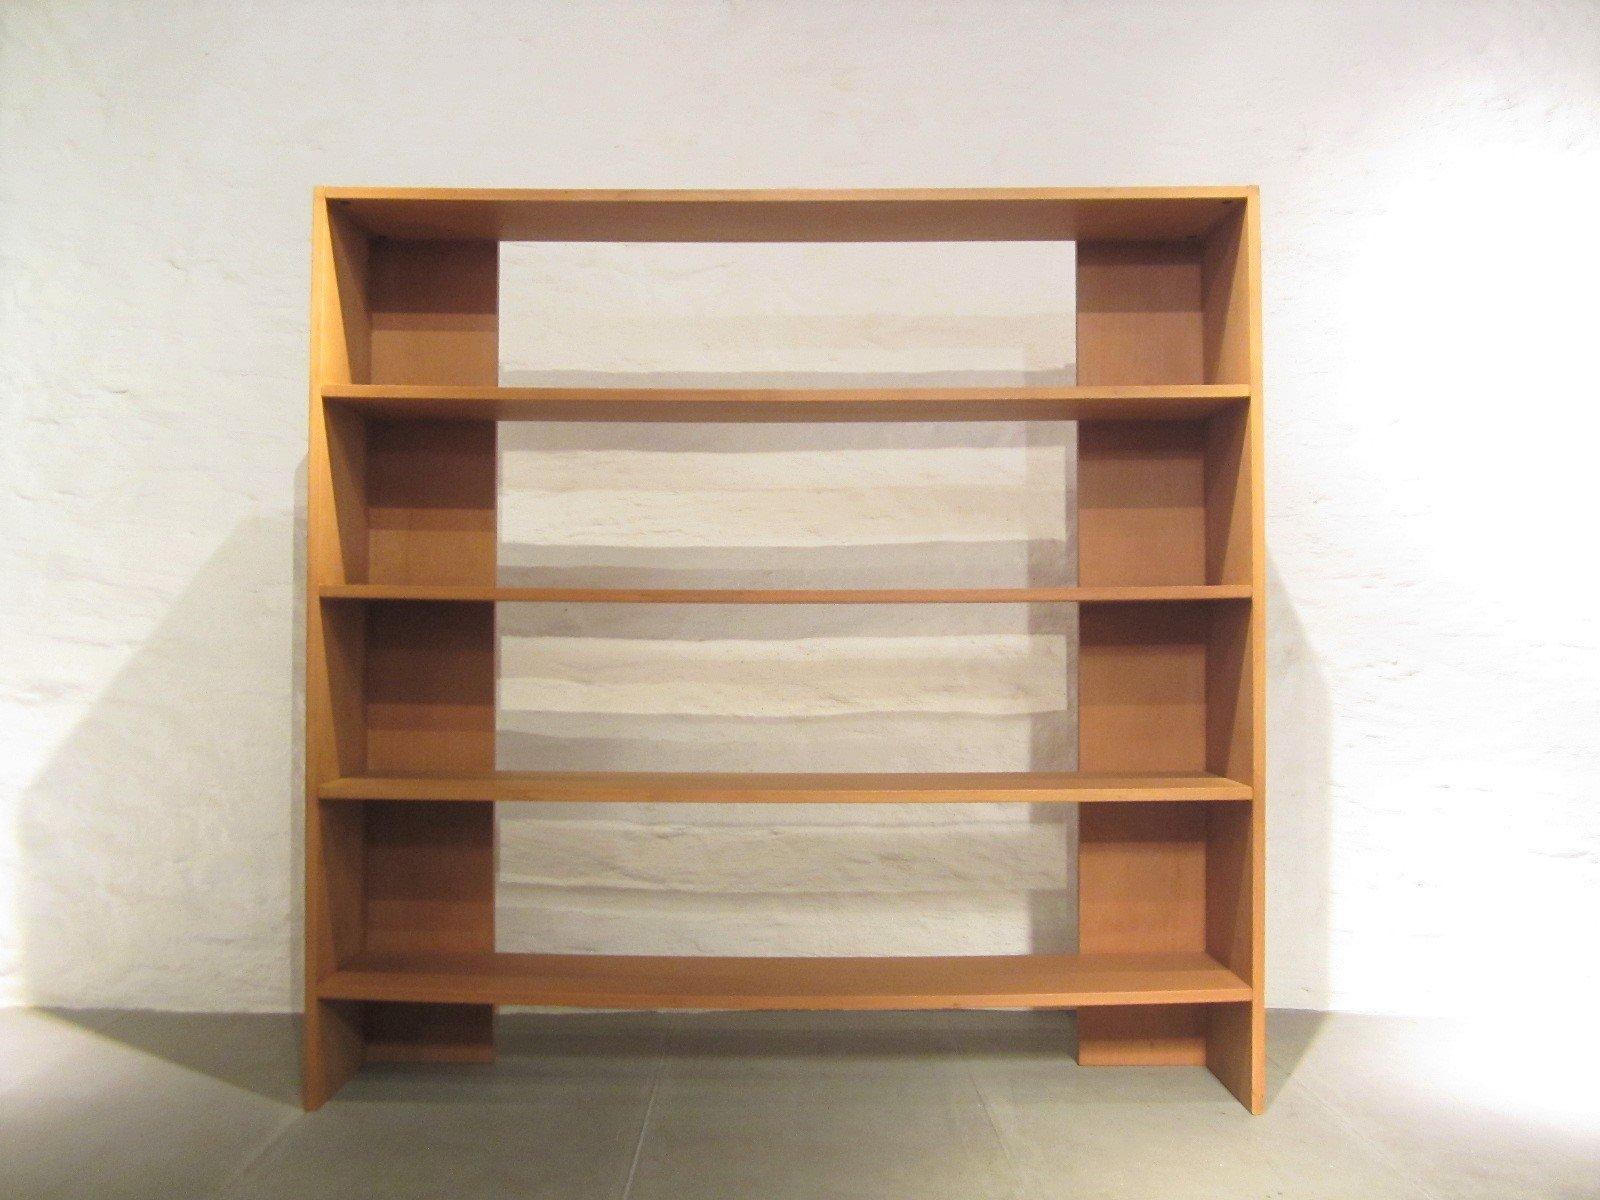 italienisches vintage crate b cherregal von gerrit rietveld f r cassina bei pamono kaufen. Black Bedroom Furniture Sets. Home Design Ideas